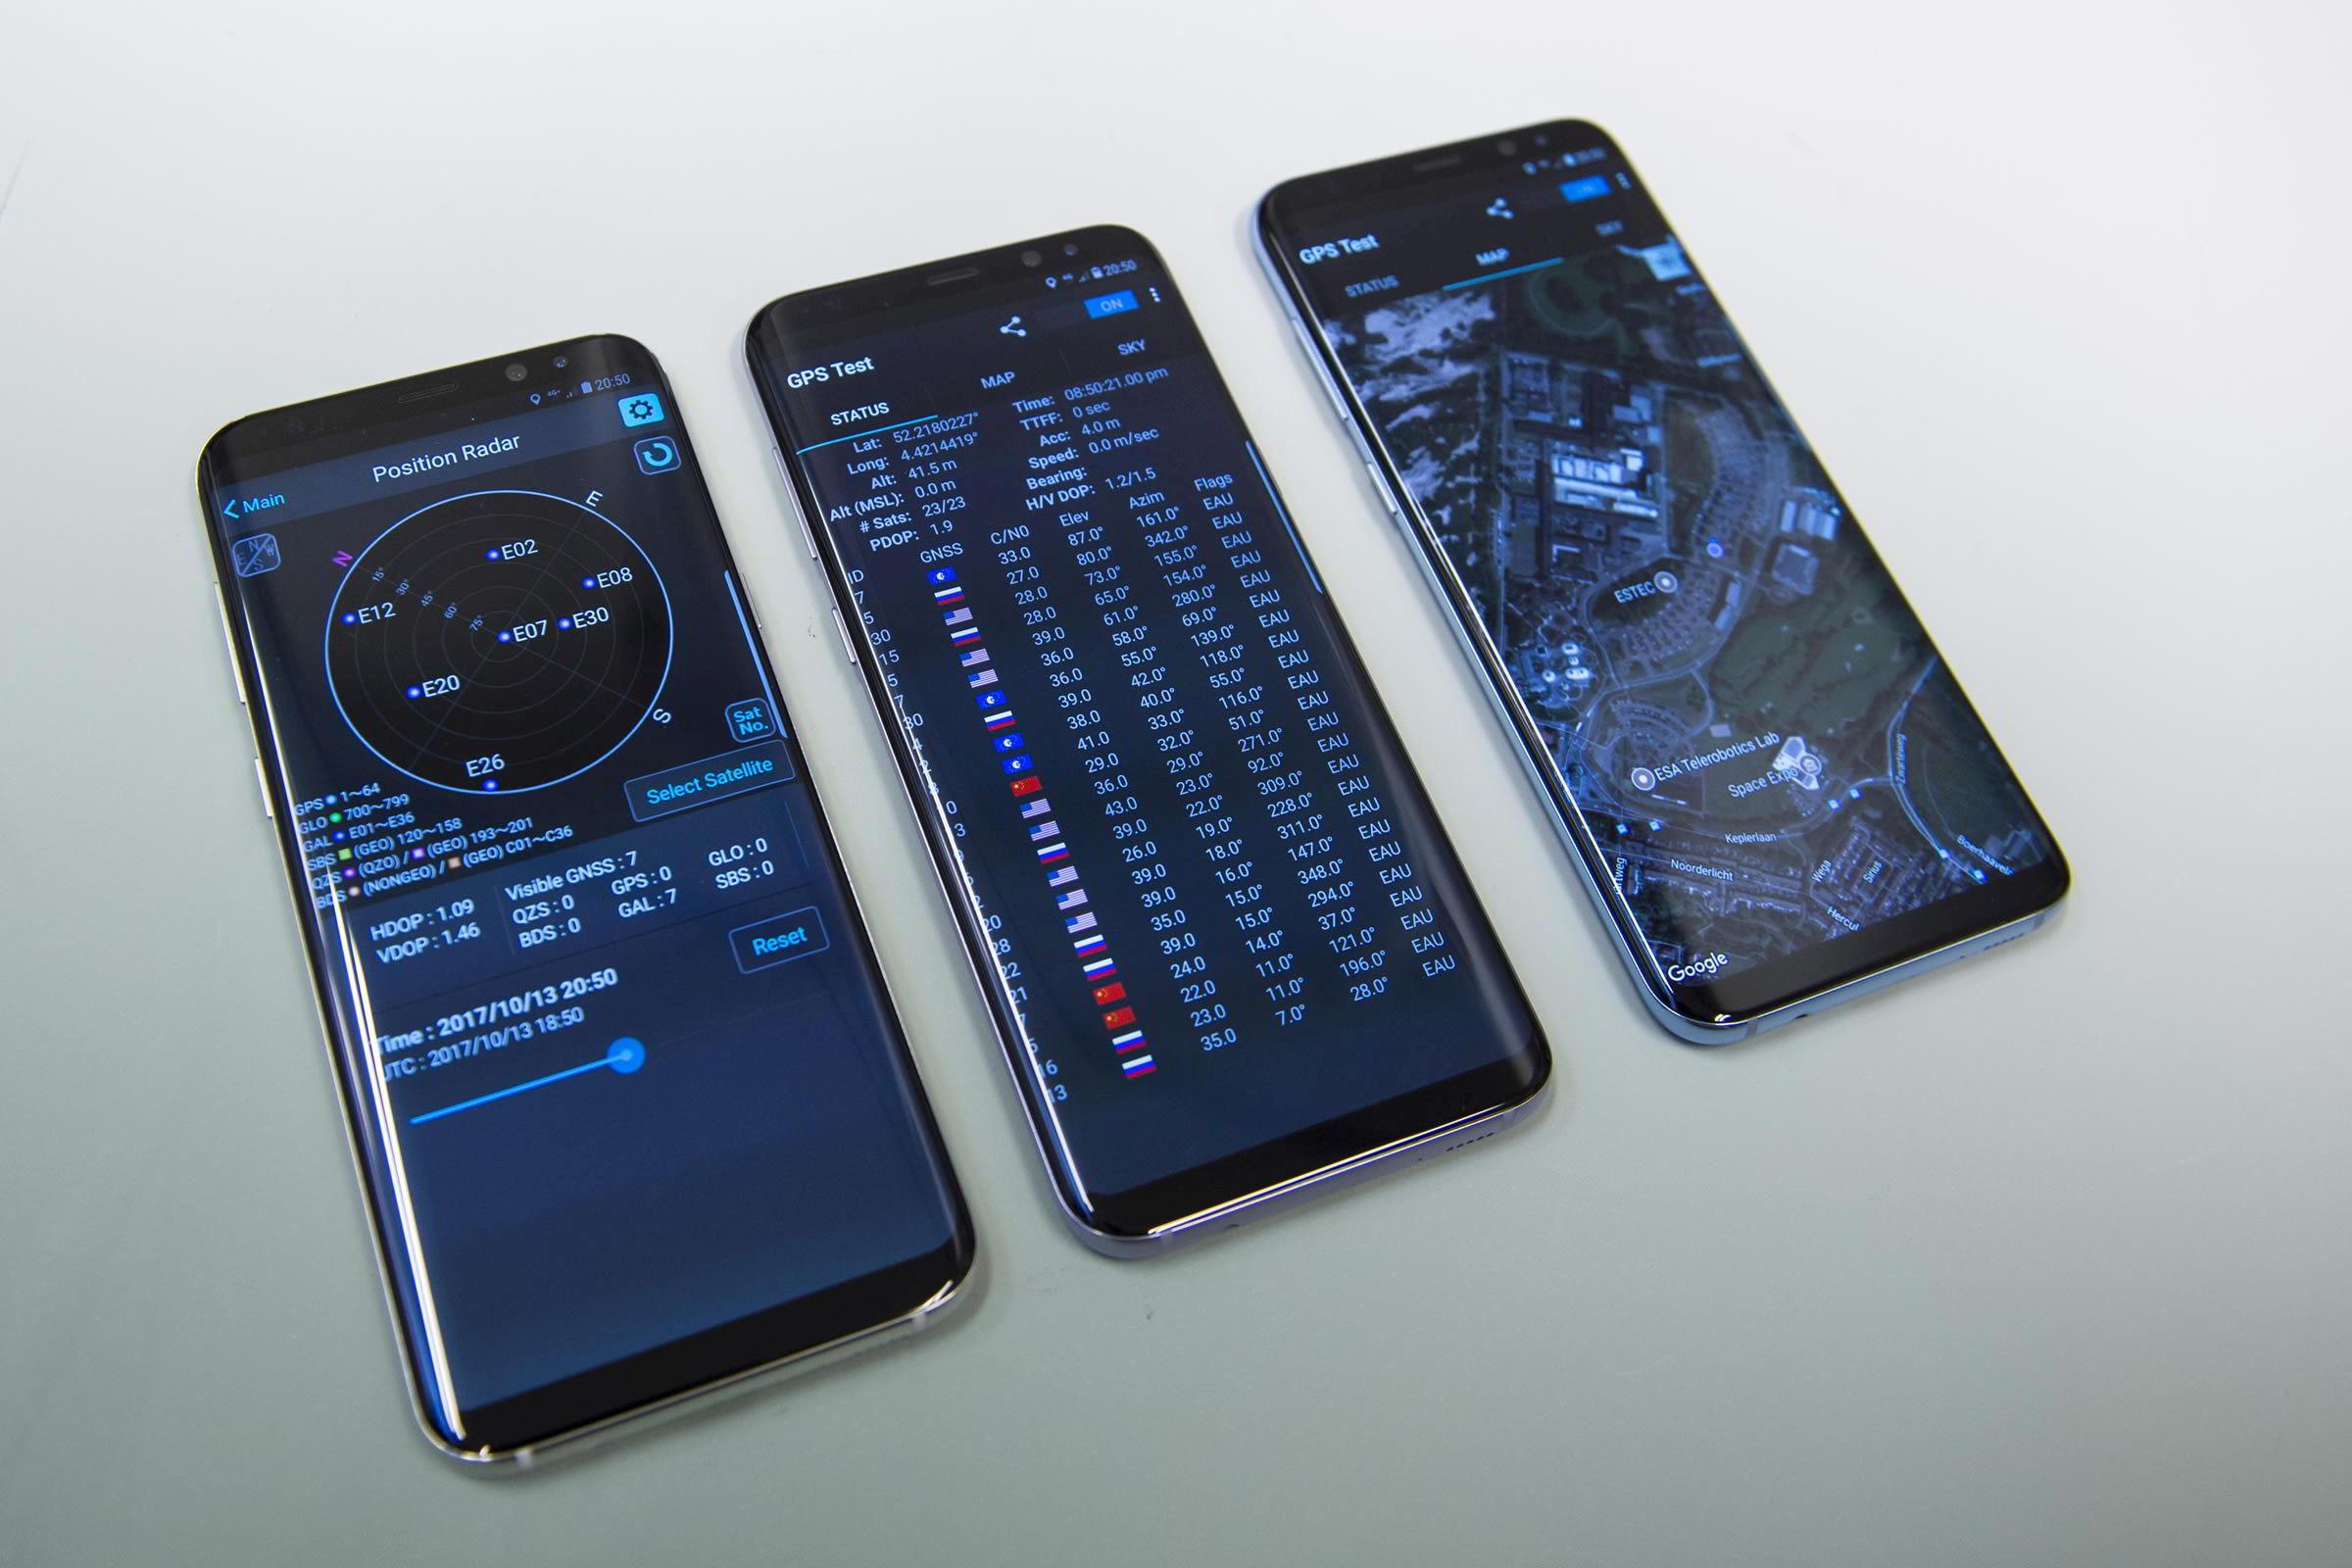 Příjem signálu systému Galileo na mobilních telefonech Samsung S8 / foto G. Porter, ESA